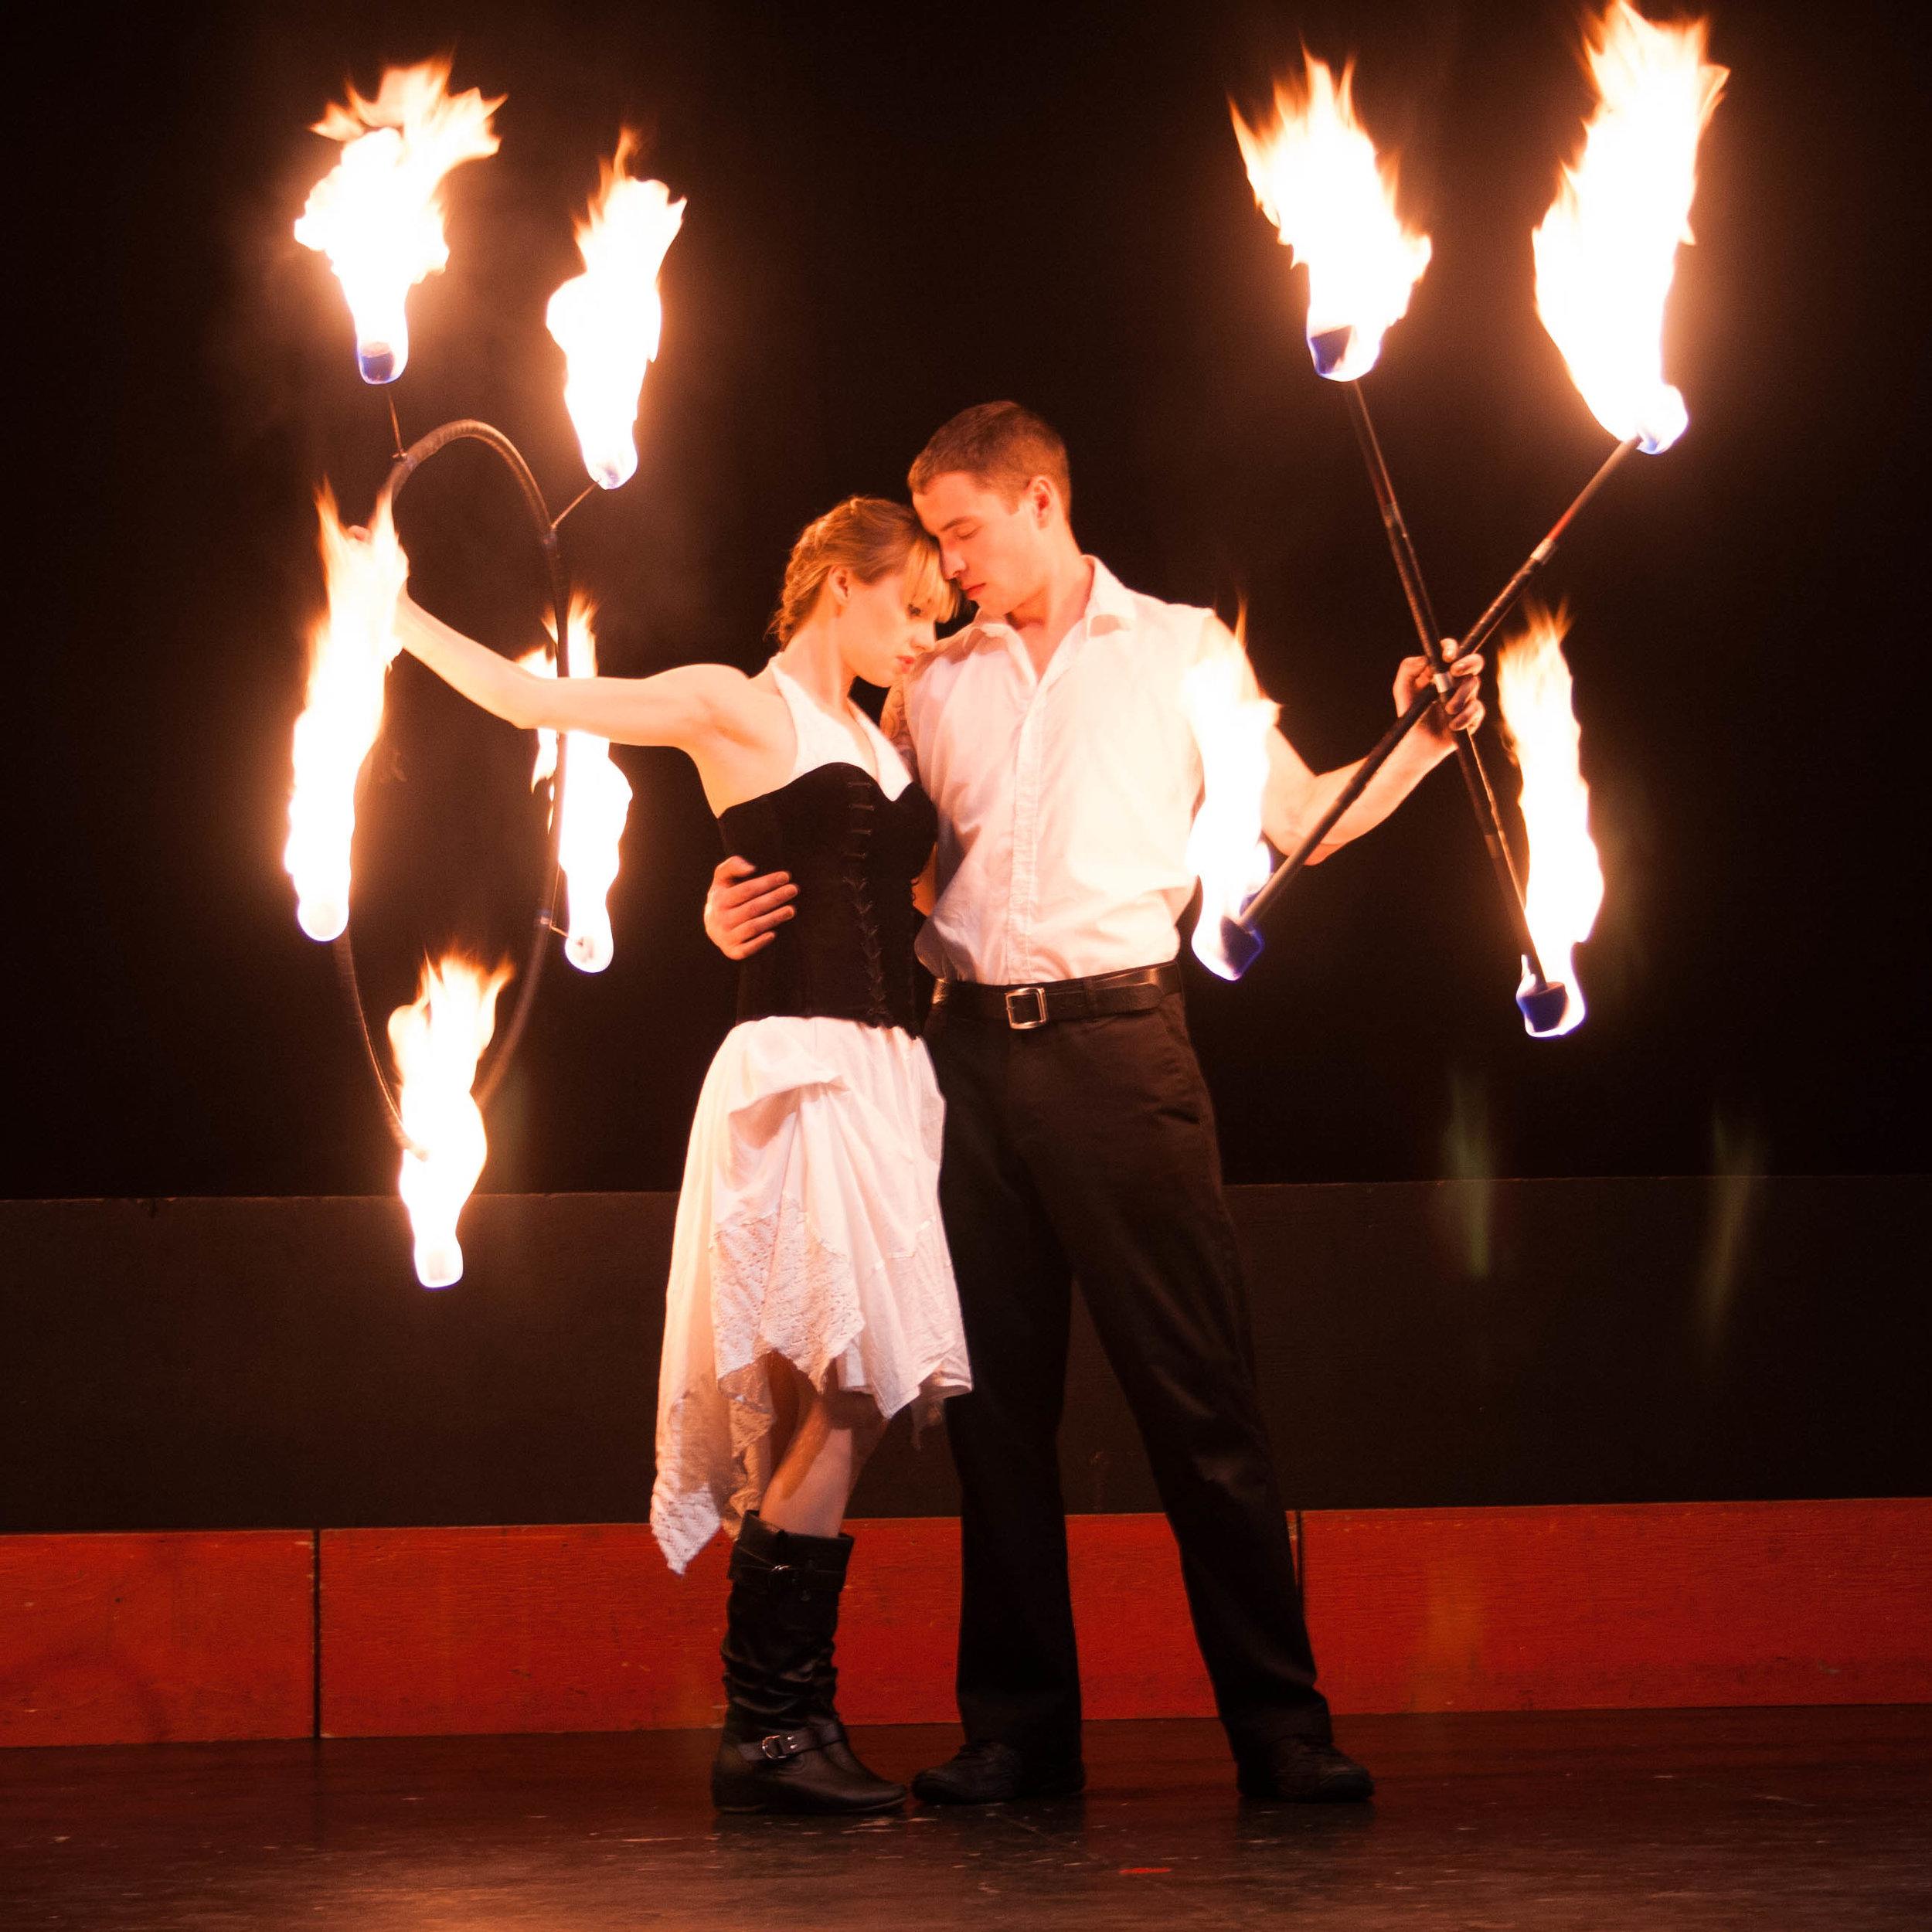 Fire performers duet